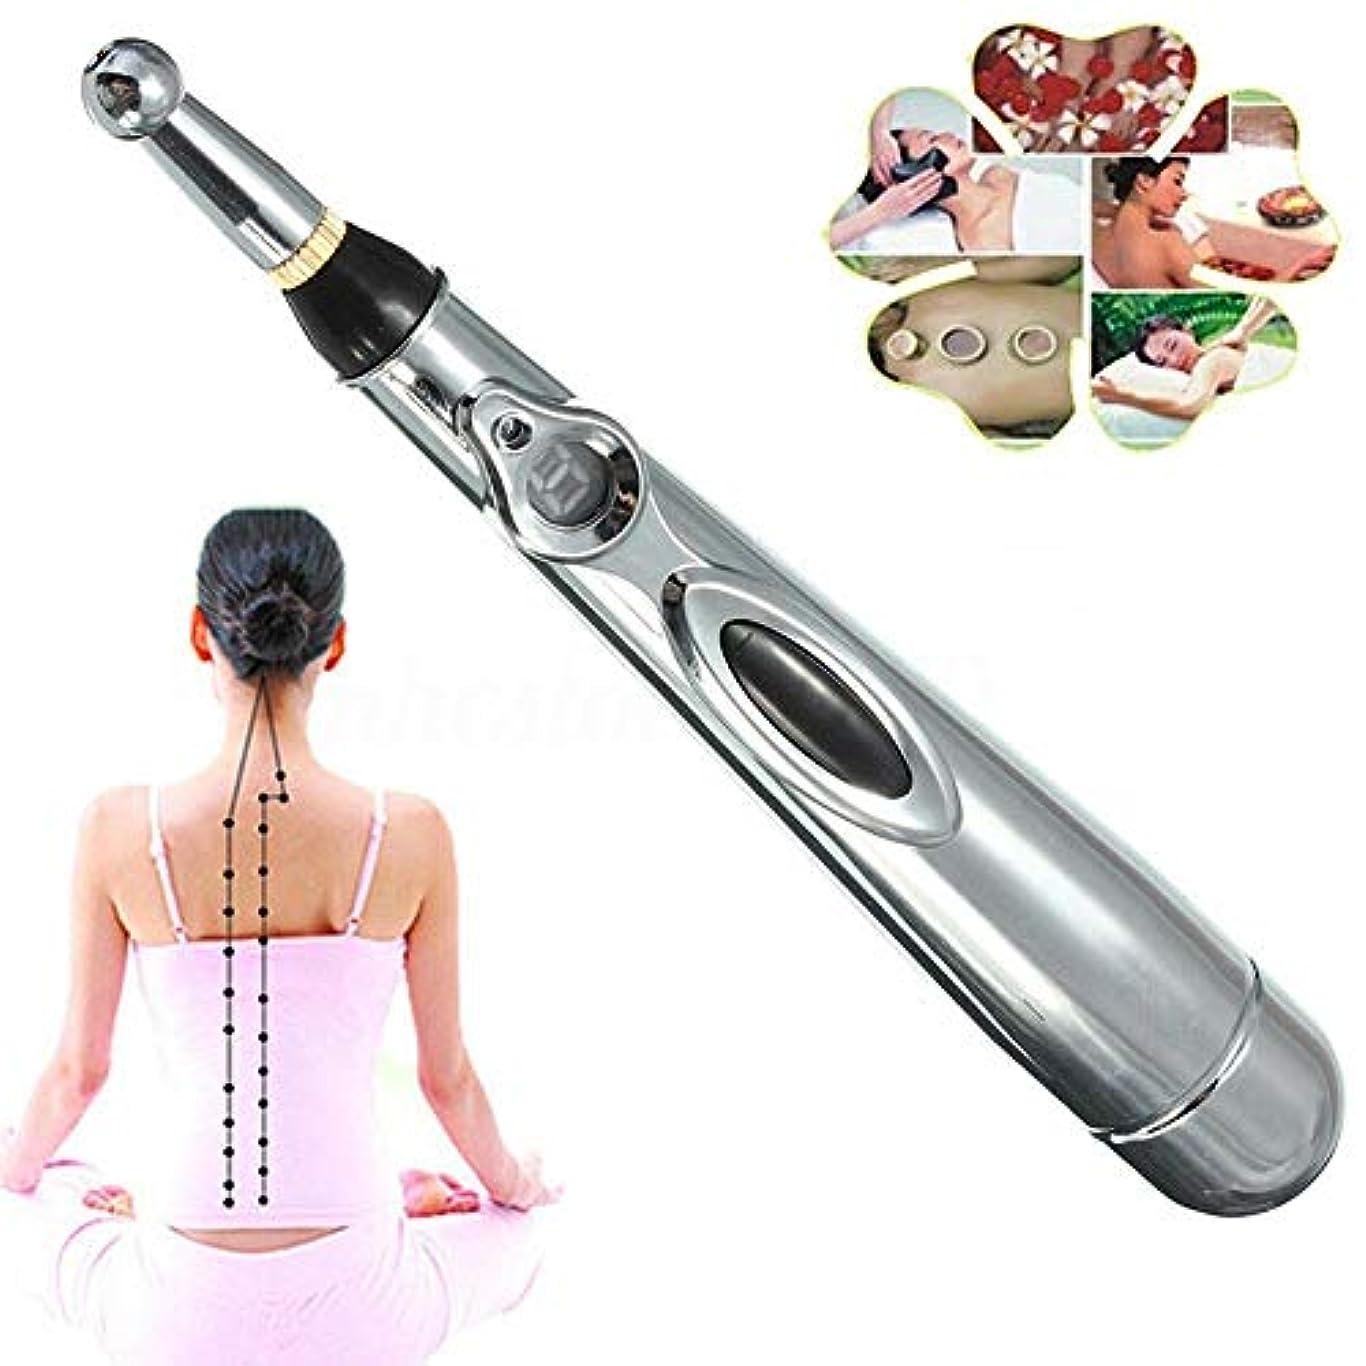 無礼に住人ホラー電子鍼ペン、2つのマッサージヘッド機能付き子午線エネルギー痛み療法の救済1 x AAバッテリー(別売)